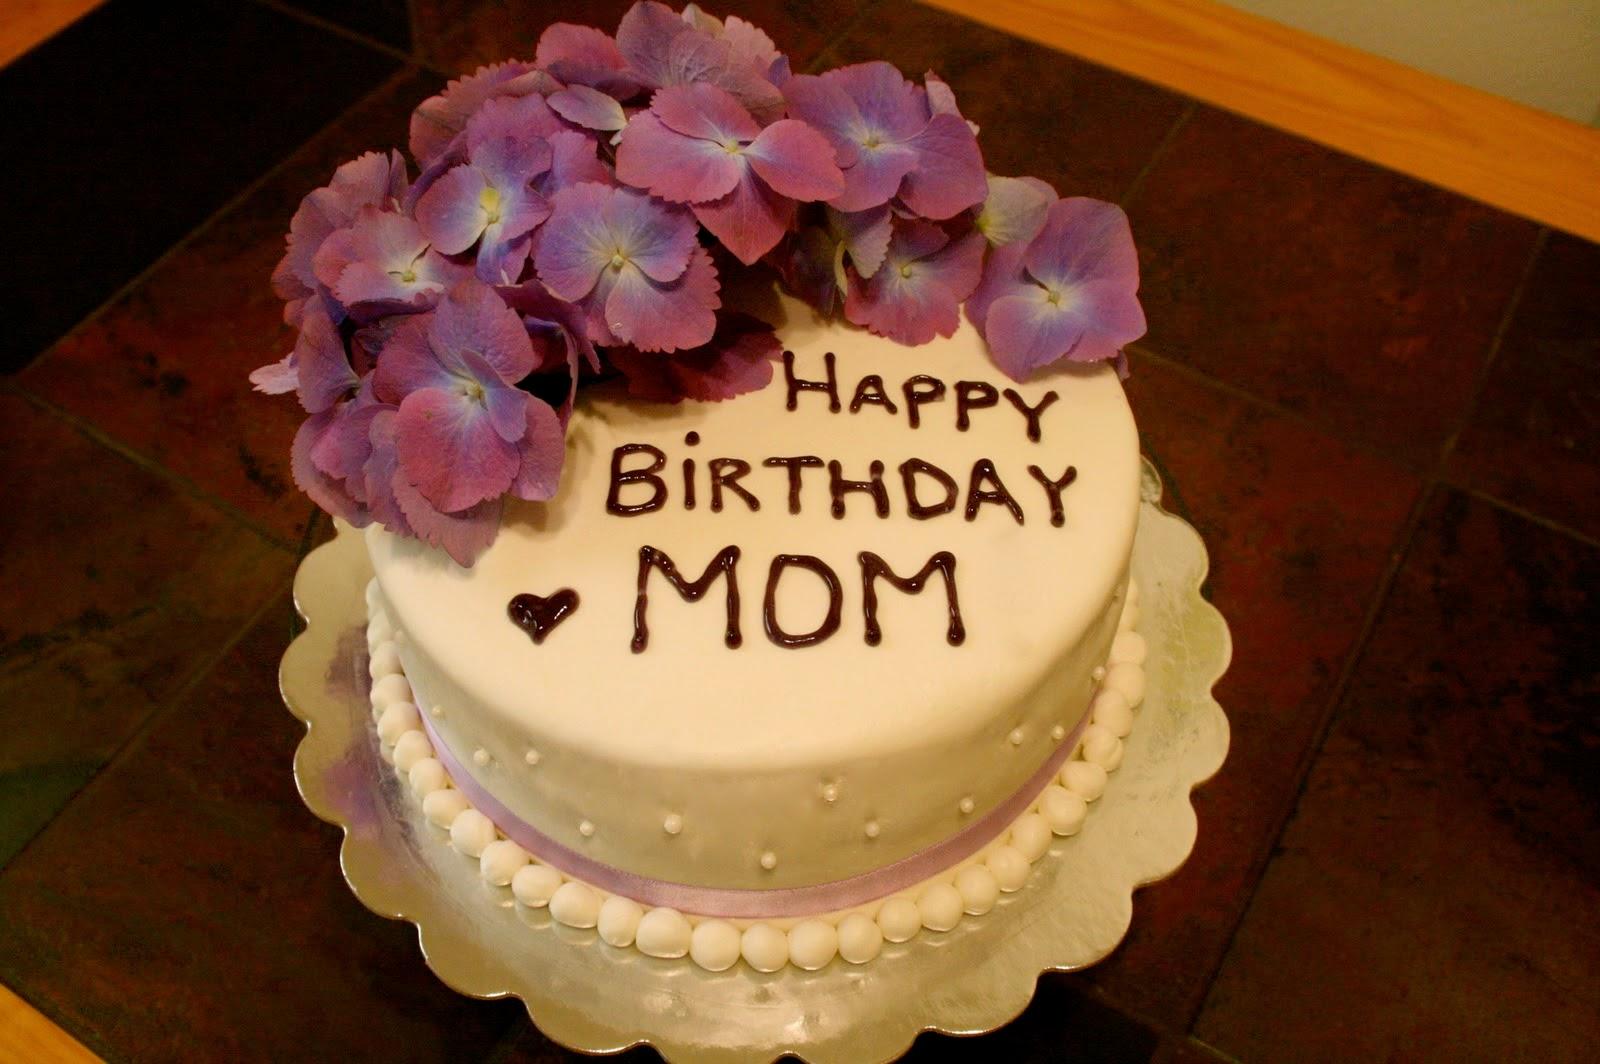 Happy Birthday Mommy ~ Retro kimmers blog: u2022♥u2022happy birthday momu2022♥u2022ufeff!!!